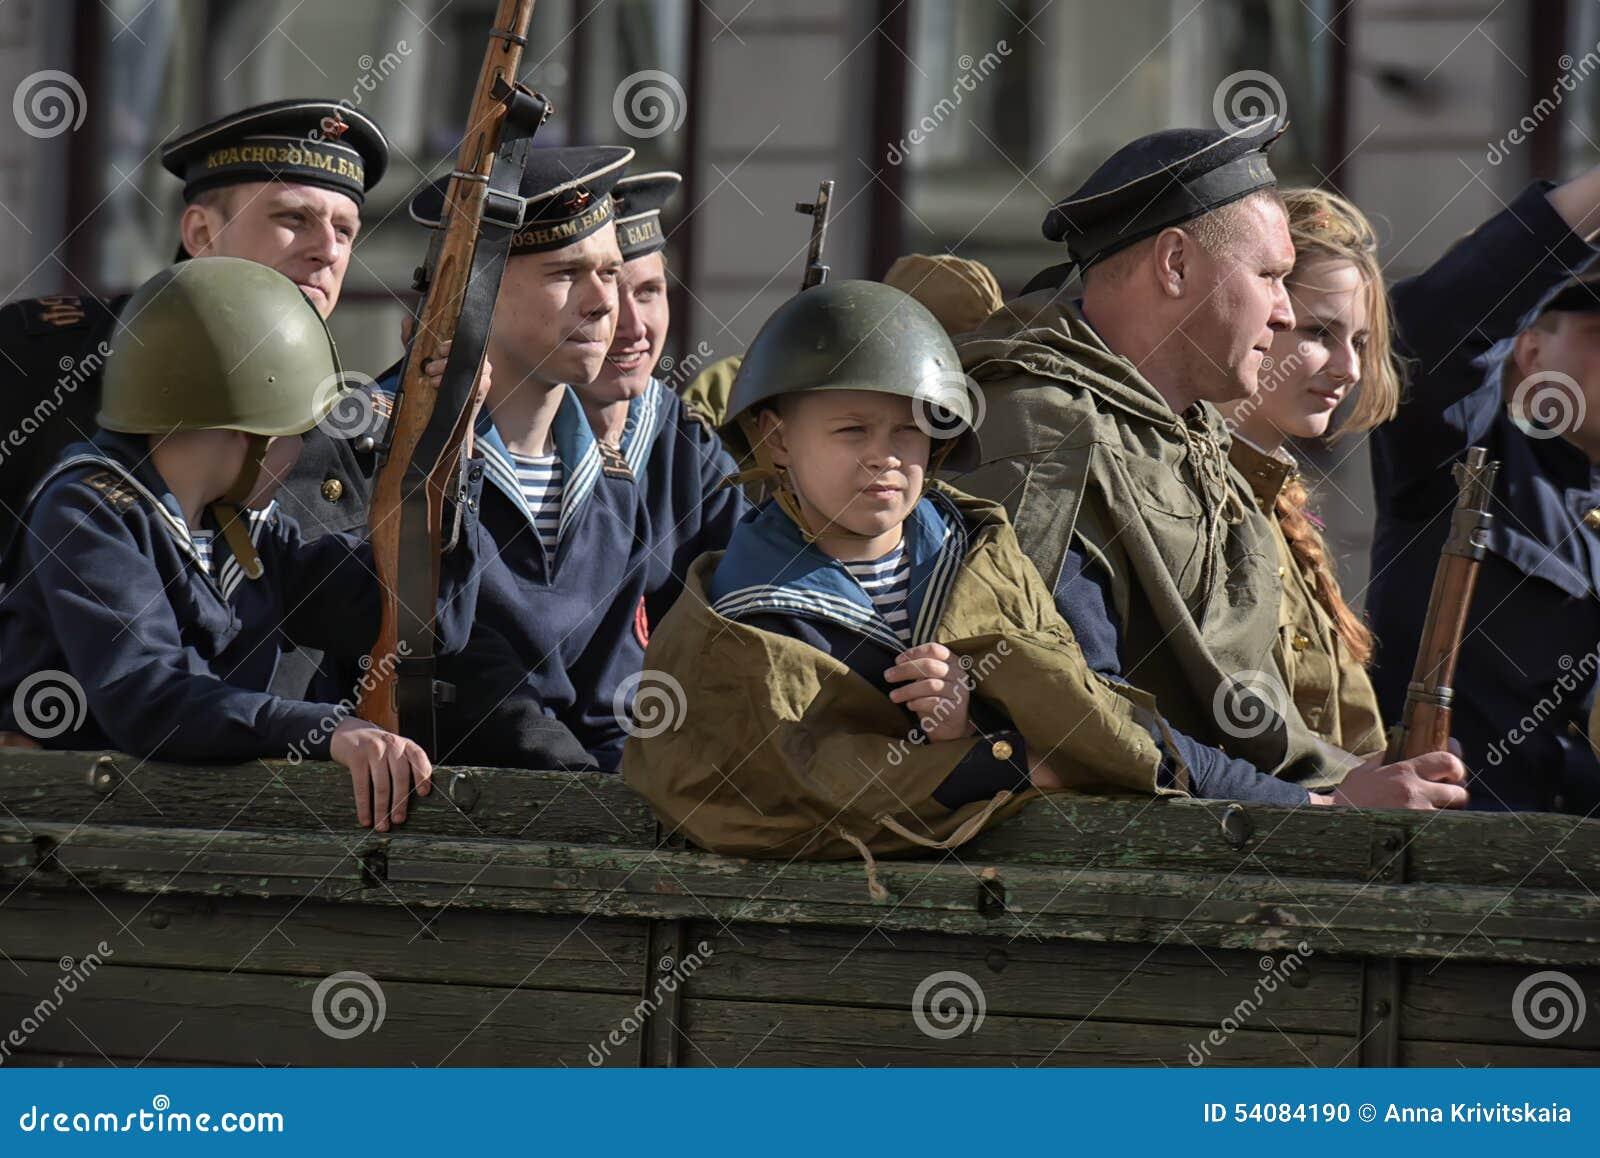 Jongeren in het uniform van de Tweede Wereldoorlog